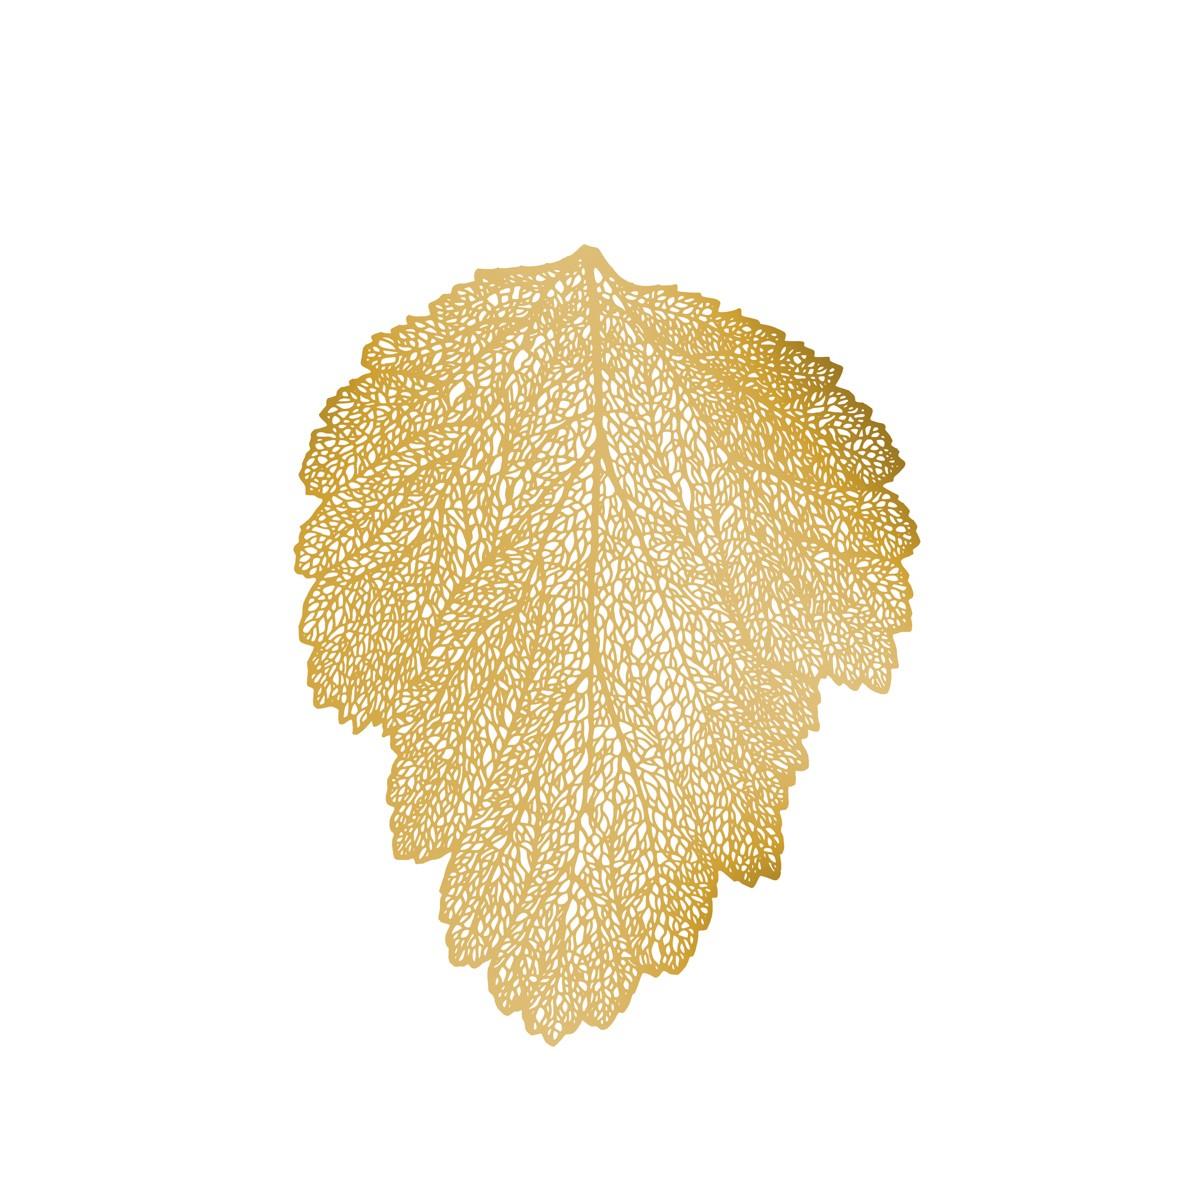 Pano Americano em PVC 36x47cm Leaf Dourado 1 Peca - Rojemac UD